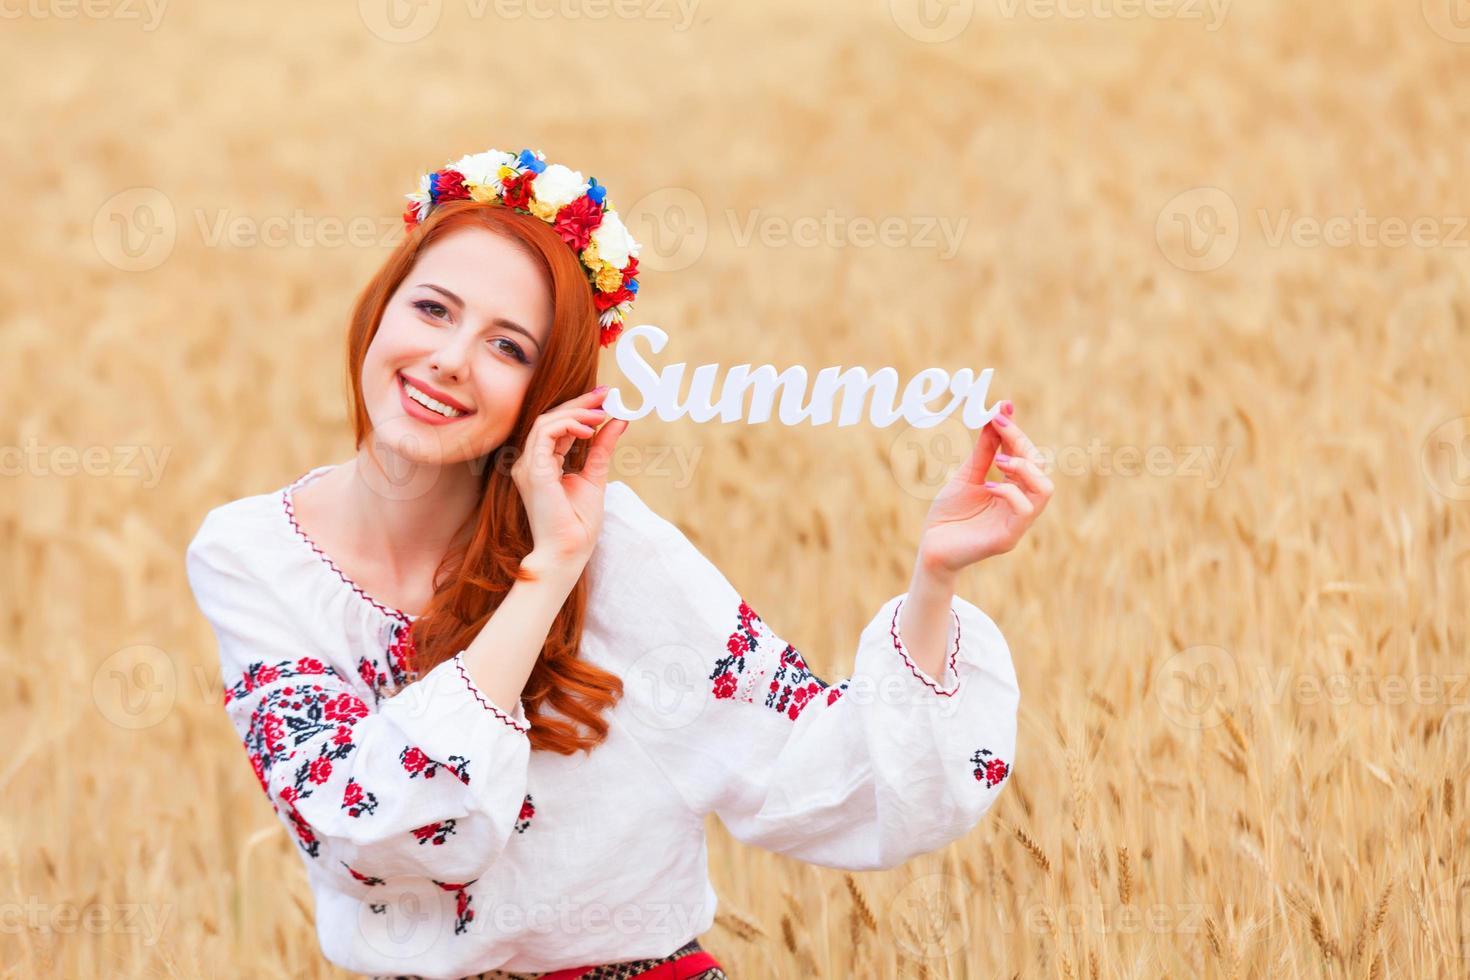 chica pelirroja en ropa nacional ucraniana con palabra de madera summ foto